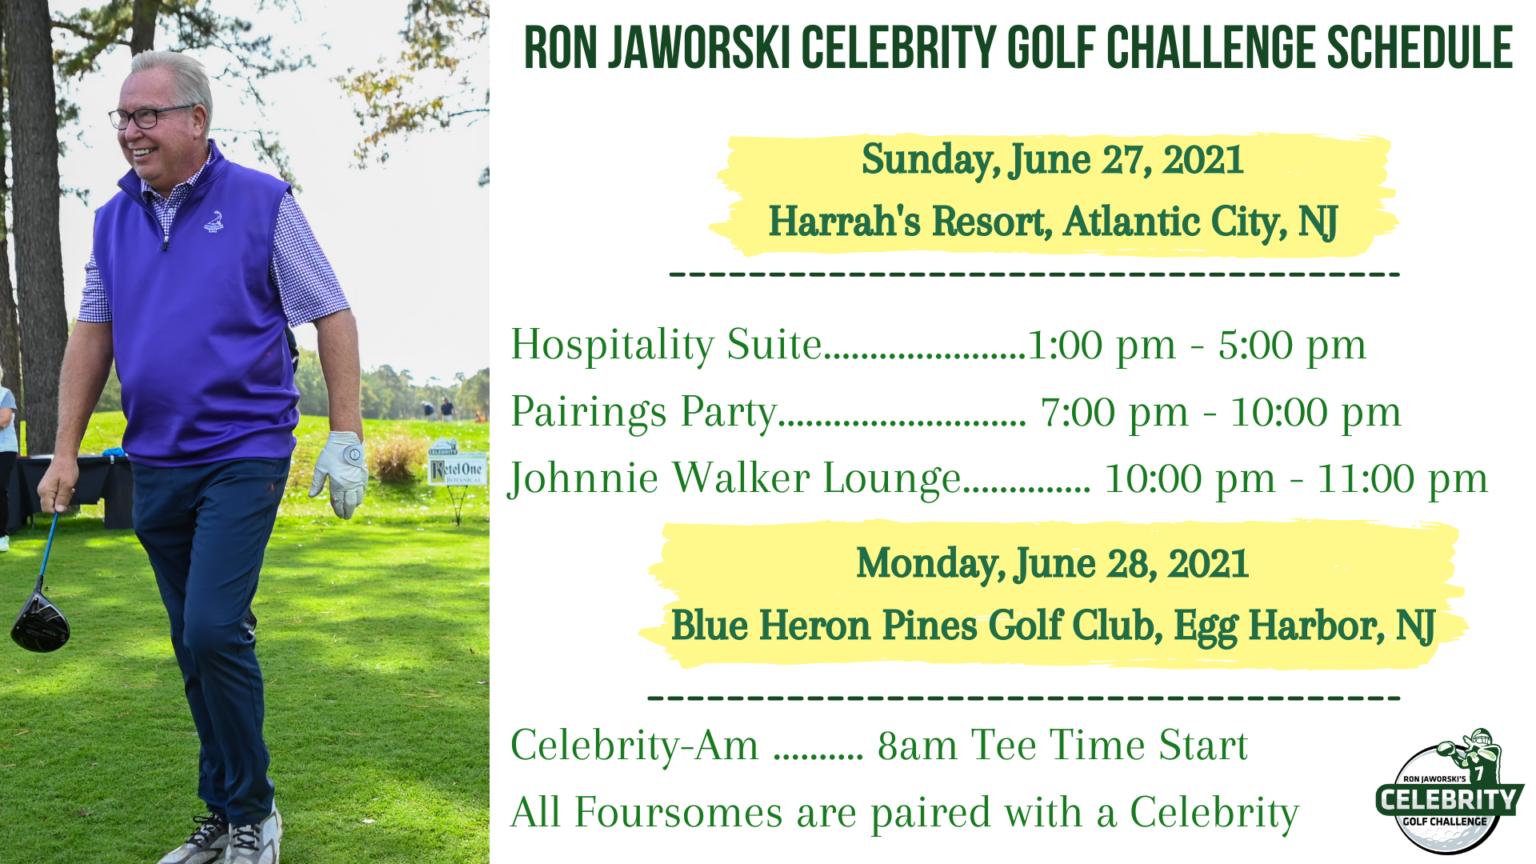 Ron Jaworski Celebrity Golf Challenge Schedule 2021